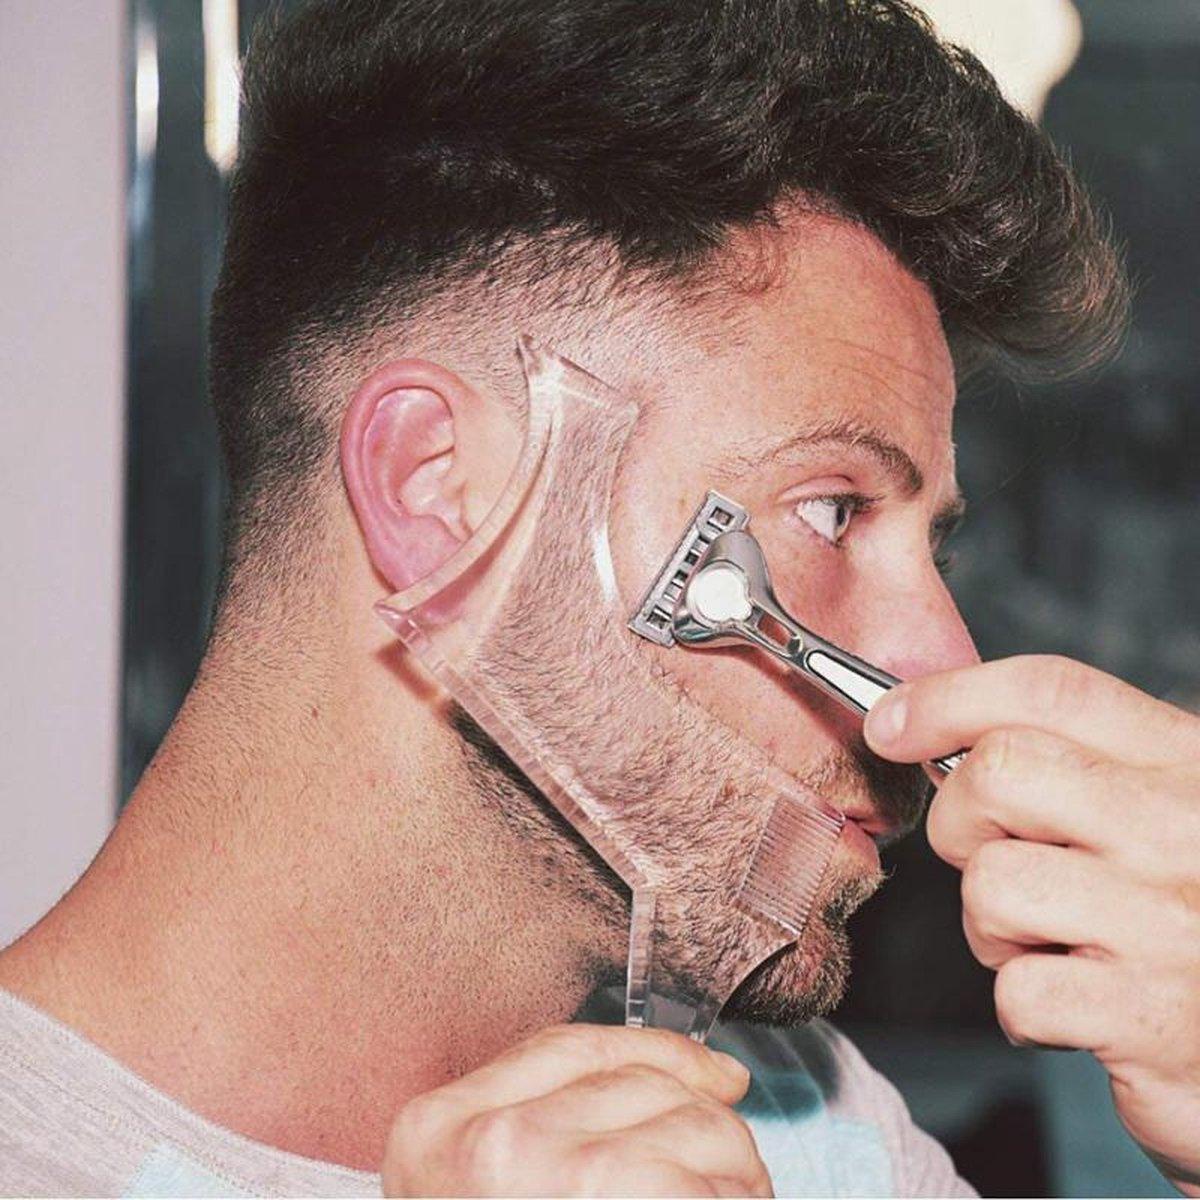 Baardvorm   Scheer baard altijd in de juiste vorm   Doorzichtig